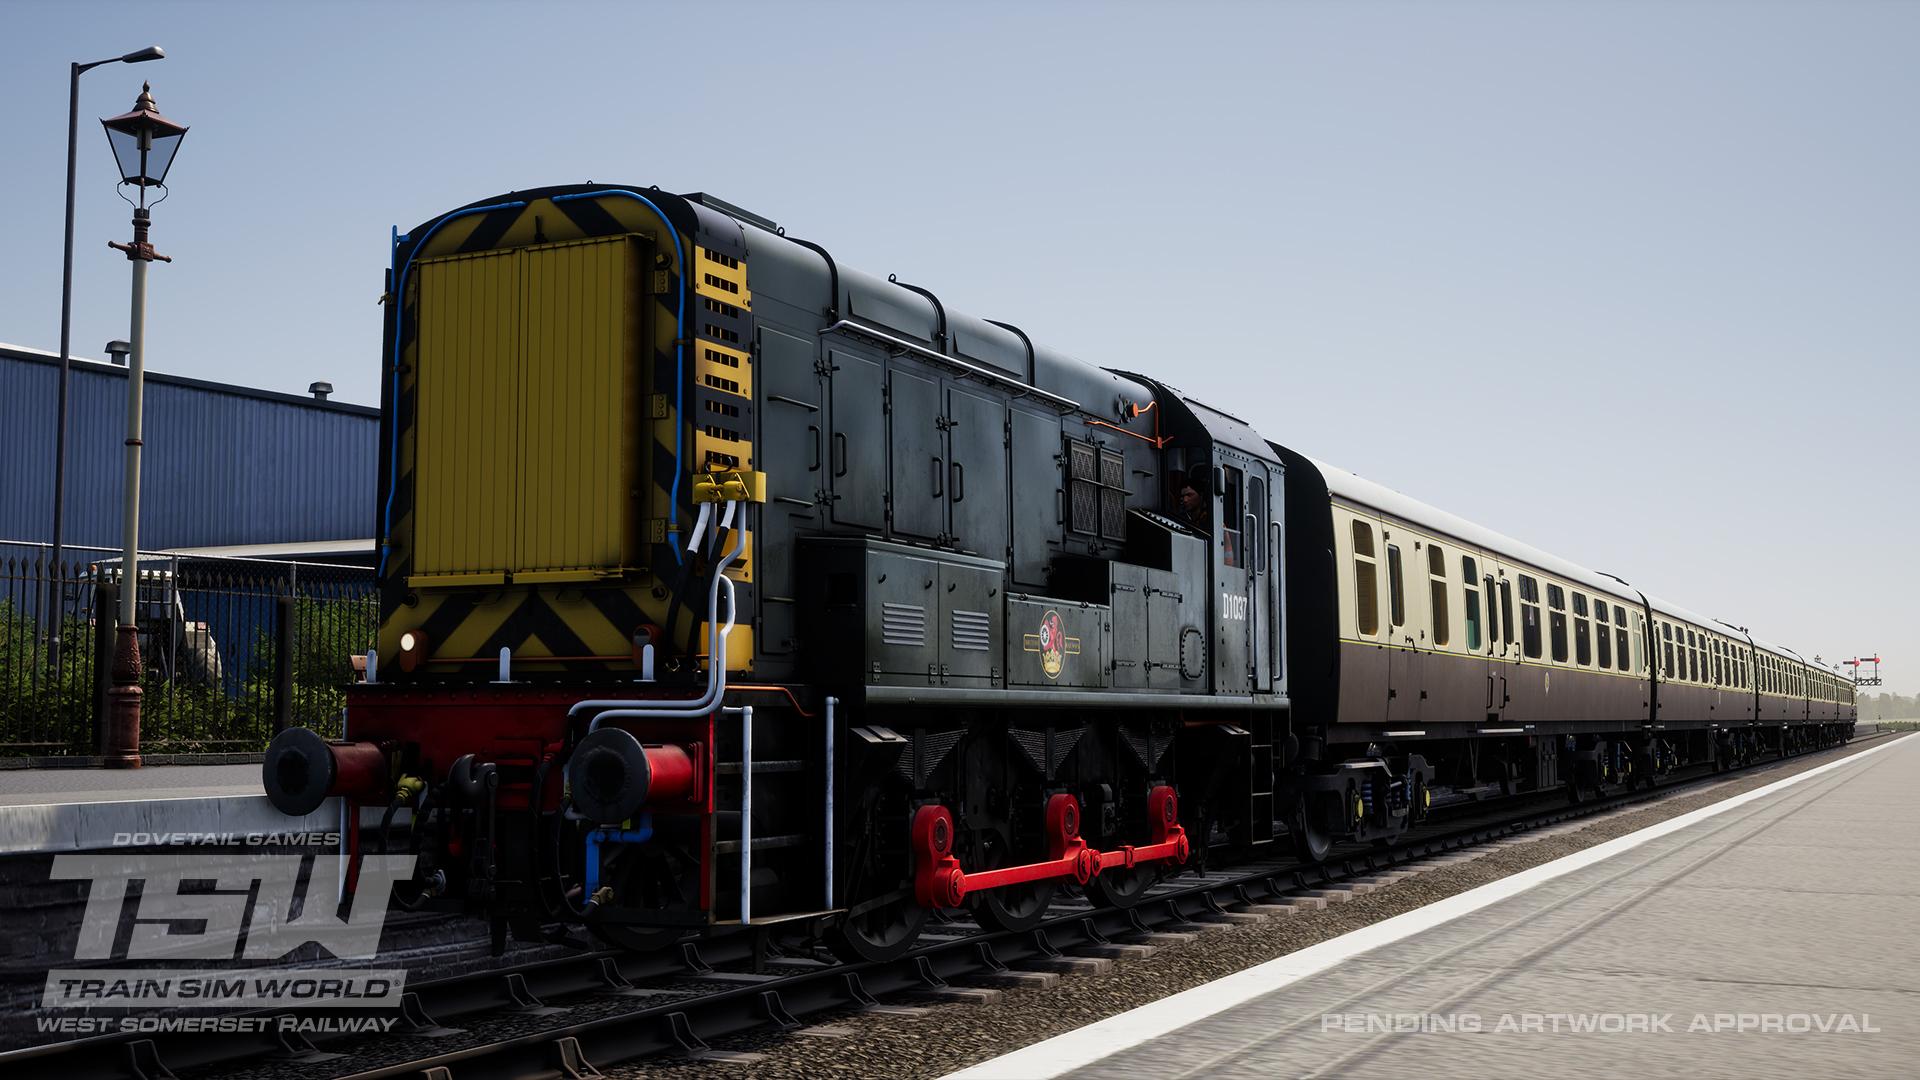 BR Class 09 | Train Sim World Wiki | FANDOM powered by Wikia